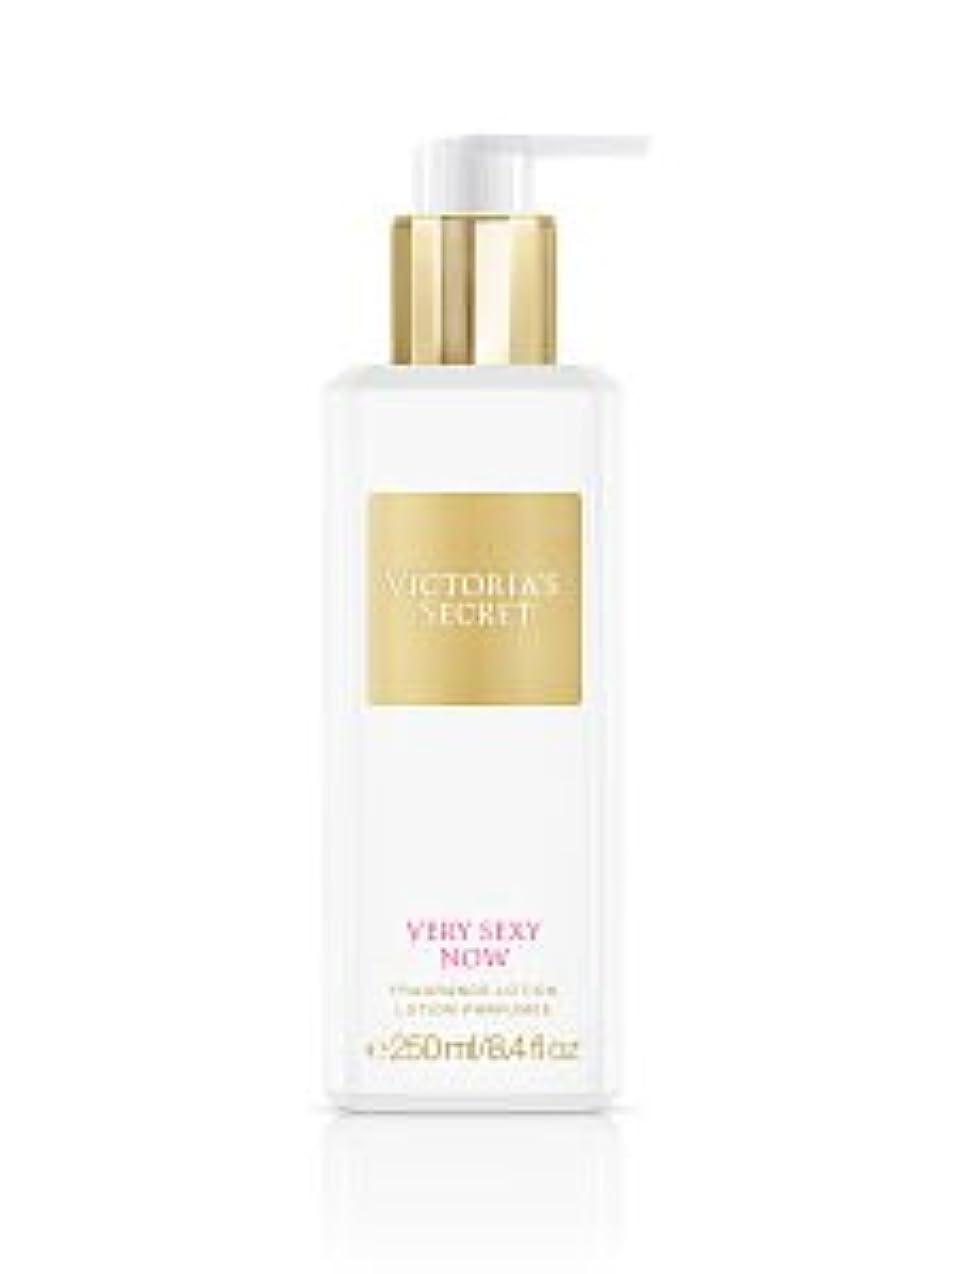 取り壊す小麦粉適応的Very Sexy Now (ベリーセクシー ナウ) 8.4 oz (250ml) Fragrance Lotion (2016年バージョン)by Victoria Secret for Women